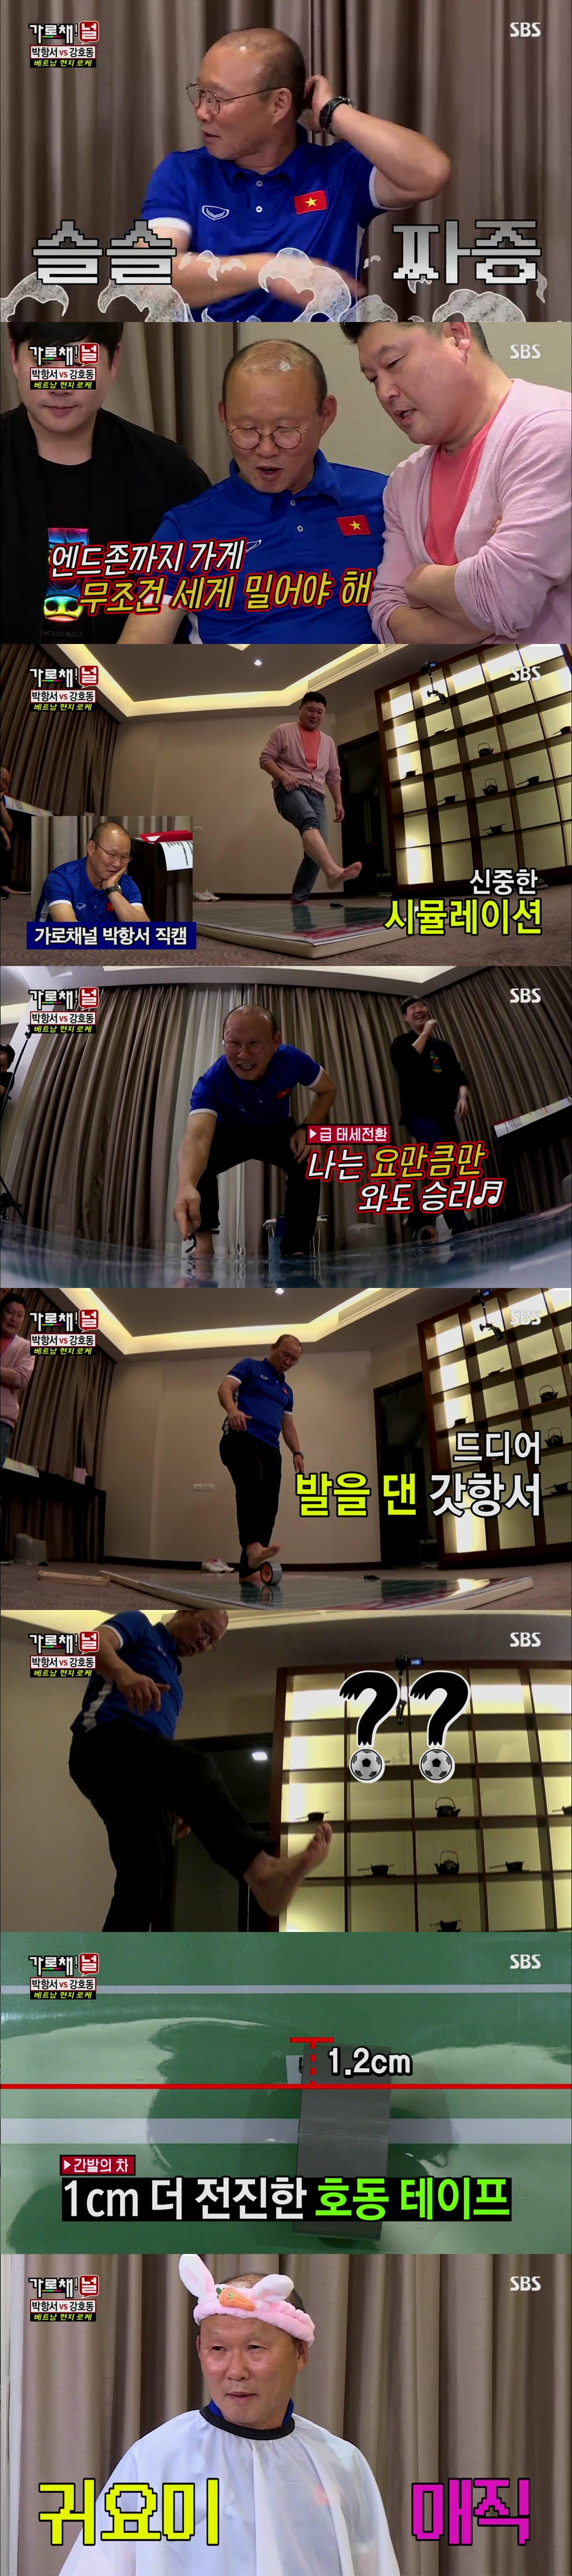 '가로채널', 베트남 국민영웅 박항서의 헛발질…5.9% '최고의 1분'